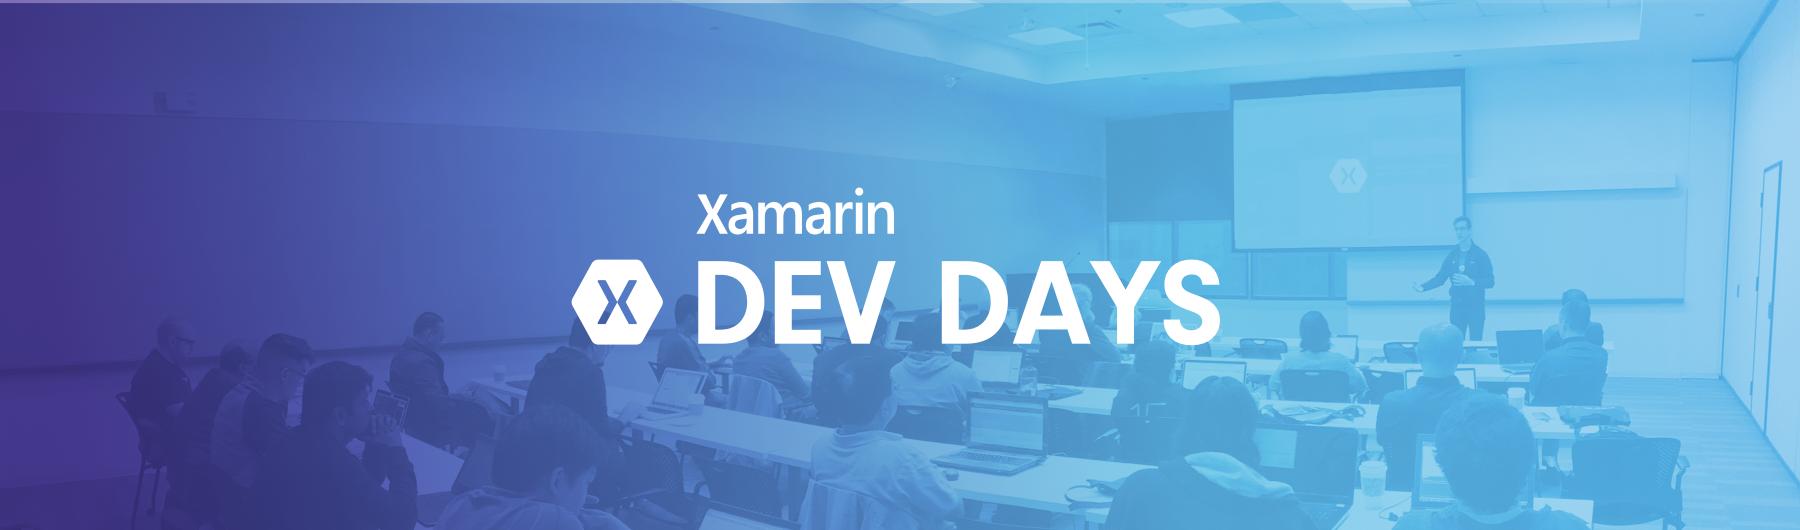 Xamarin Dev Days - Manchester